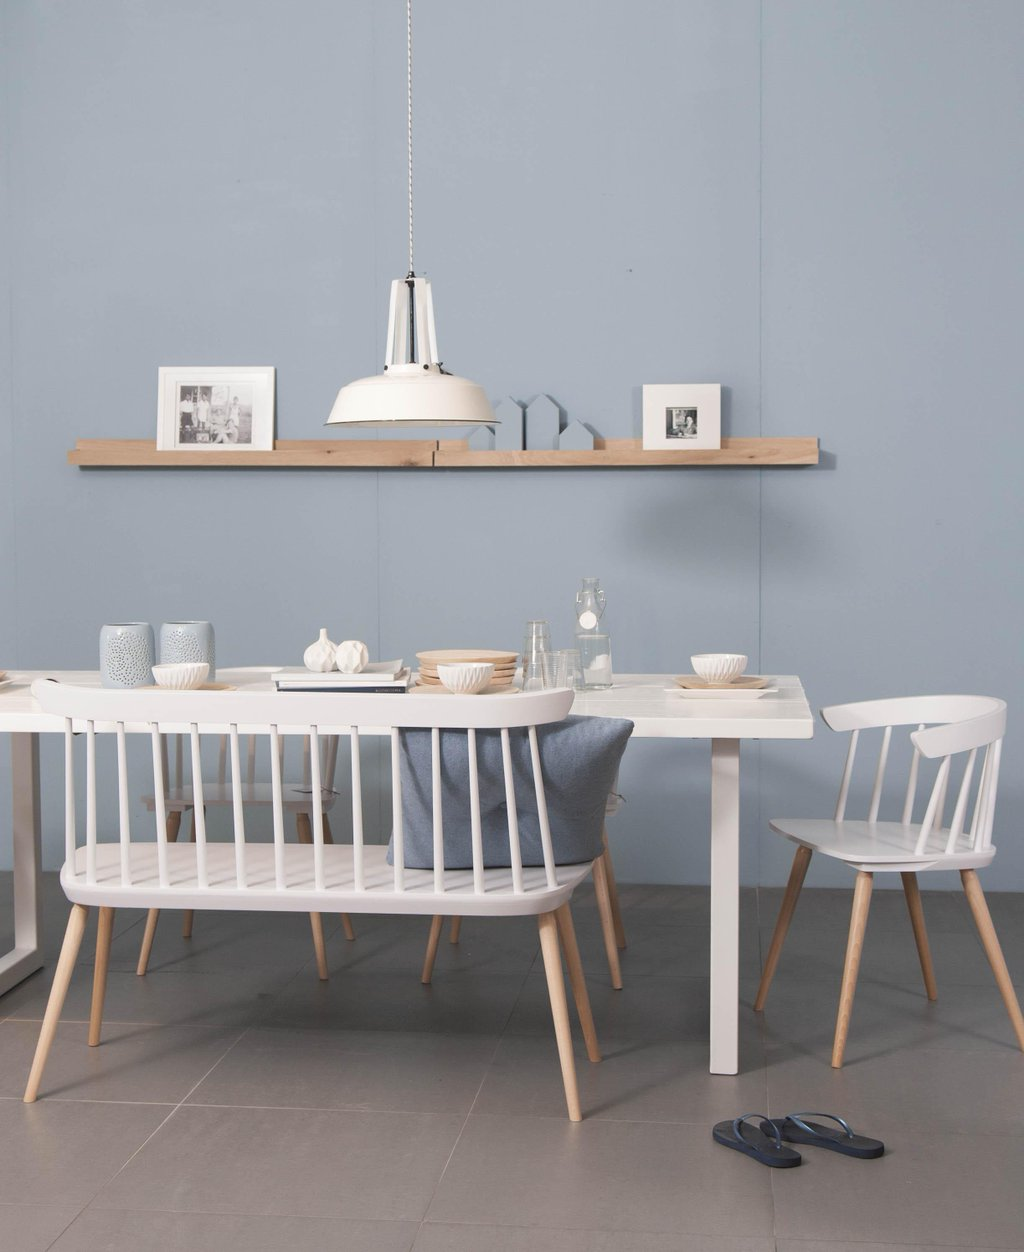 Eettafel met witte stoelen houten eettafel met verschillende stoelen in wittinten de lampen - Eettafel met stoelen ...